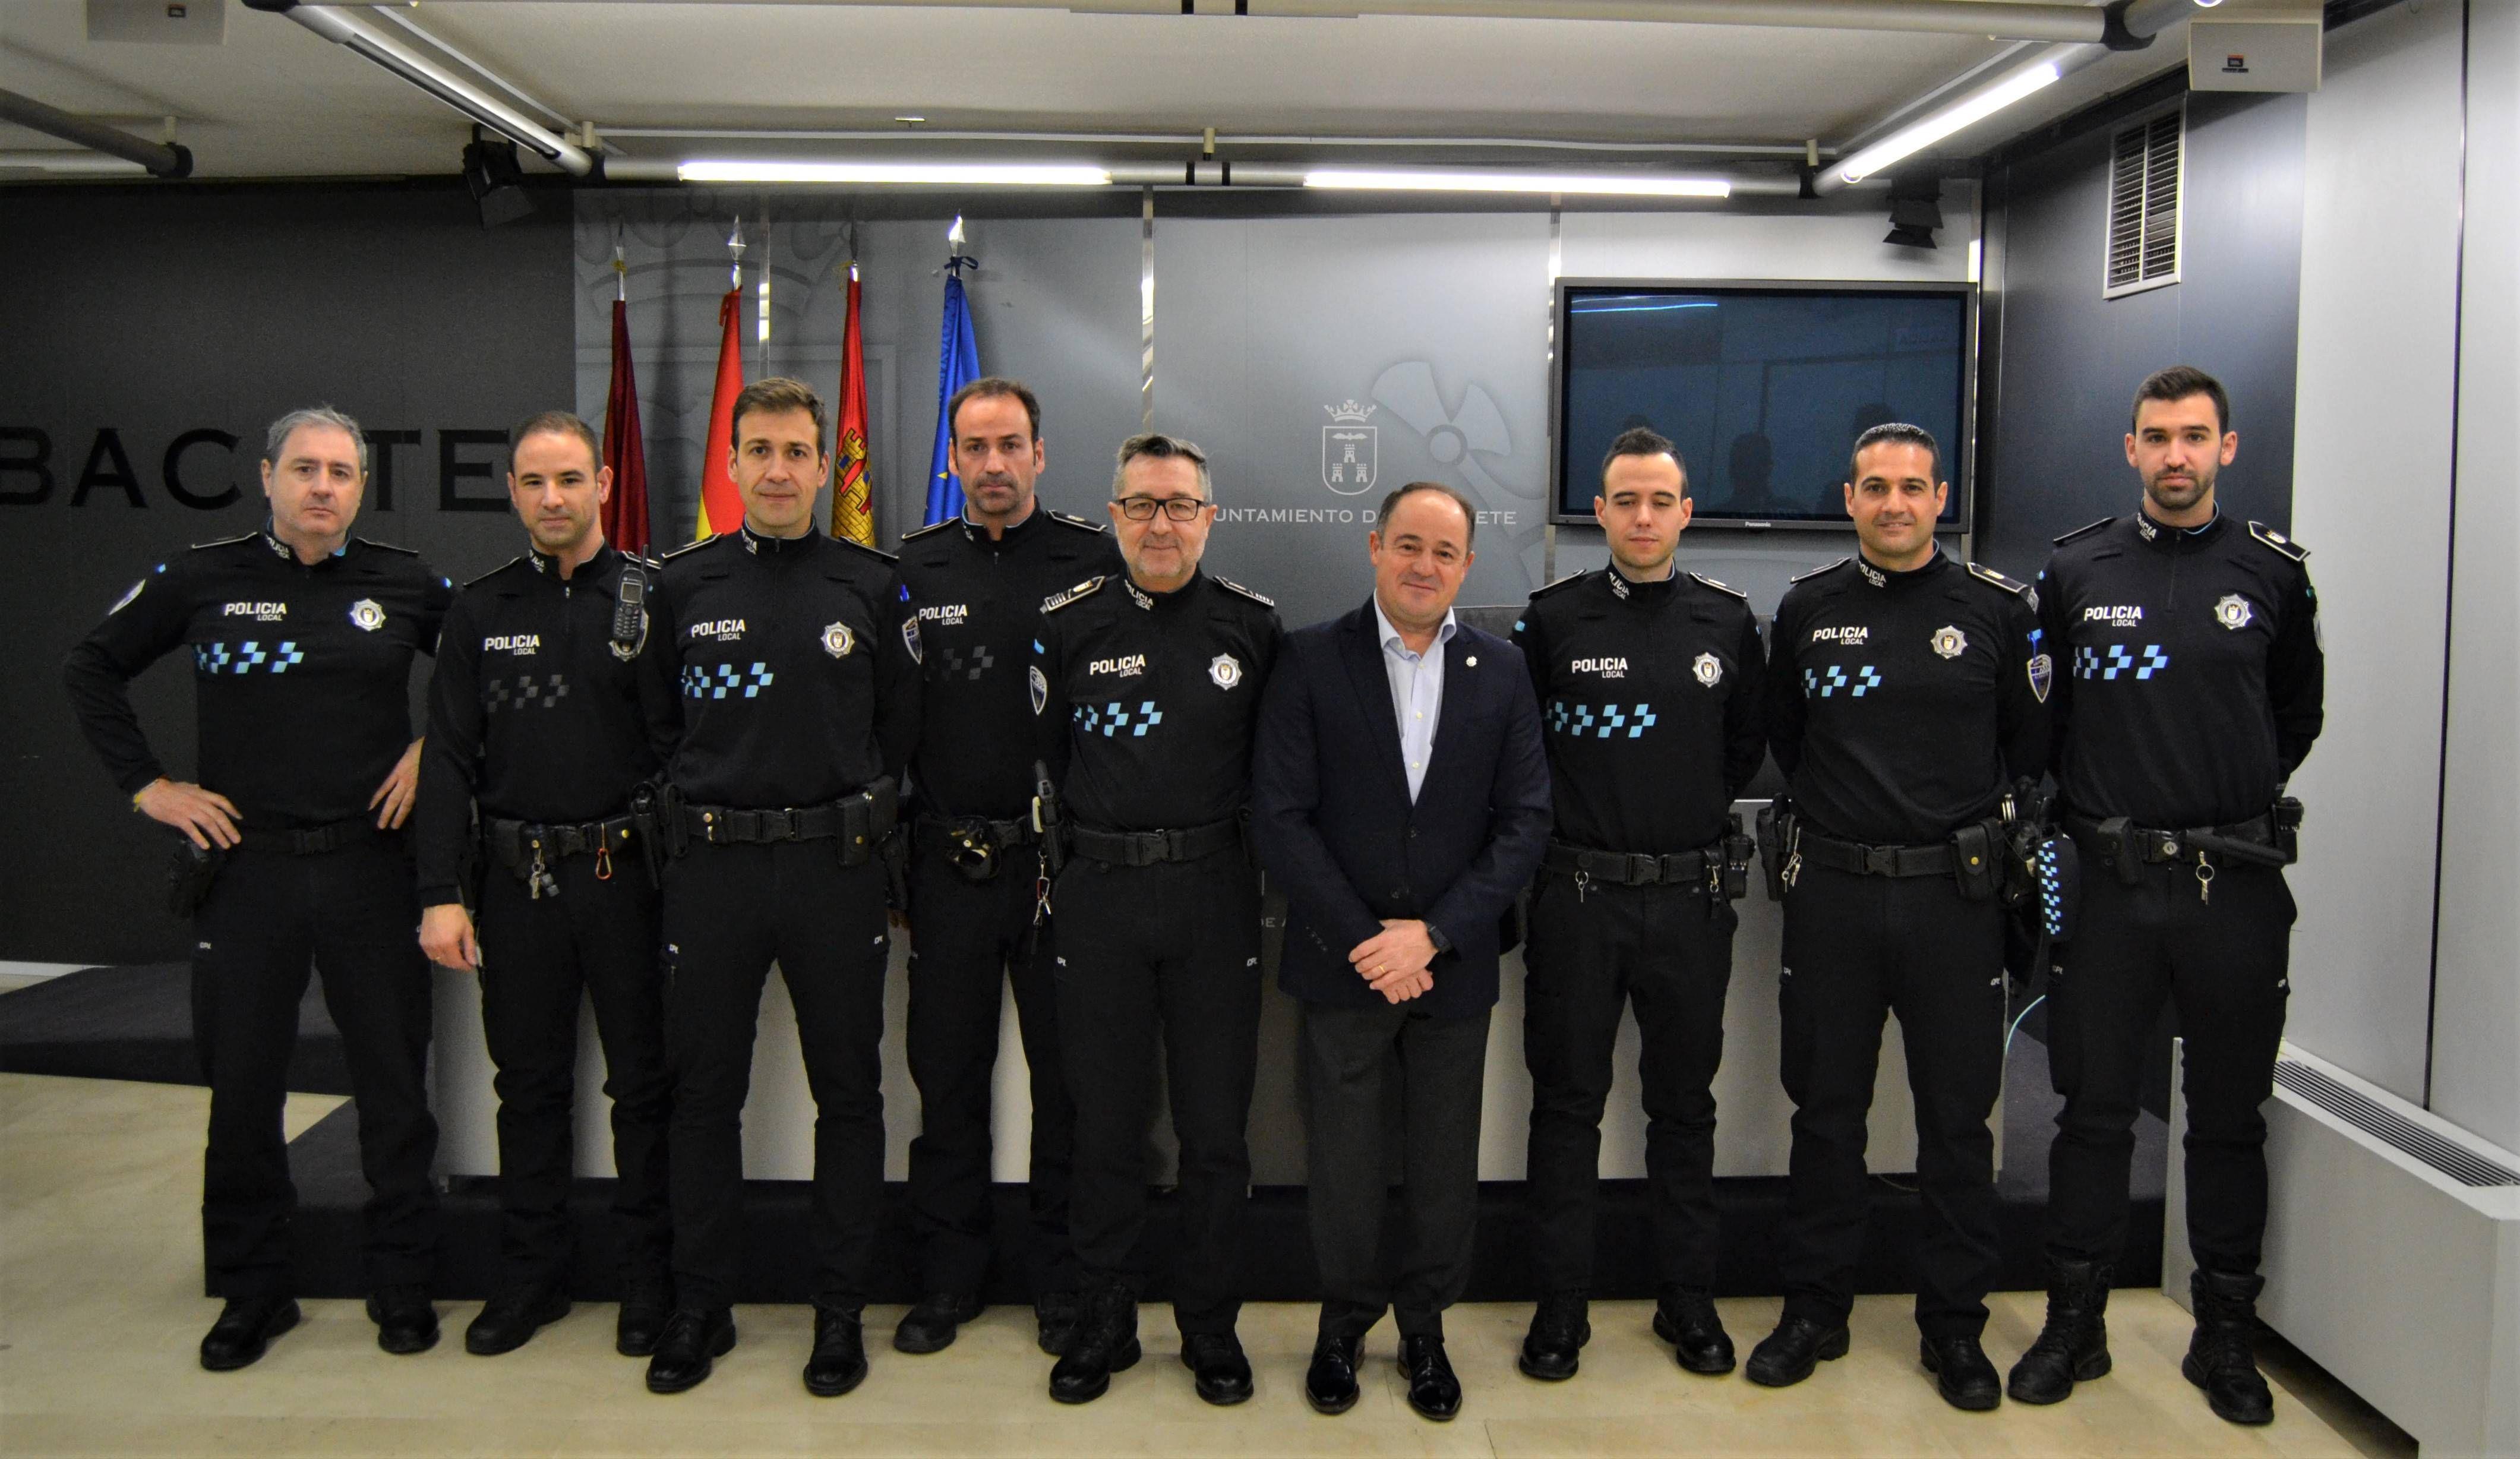 Siete Agentes Superan El Proceso Selectivo Para Ser Oficiales Del Cuerpo De La Policía Local De Albacete Policía Local Policía Gobierno Municipal